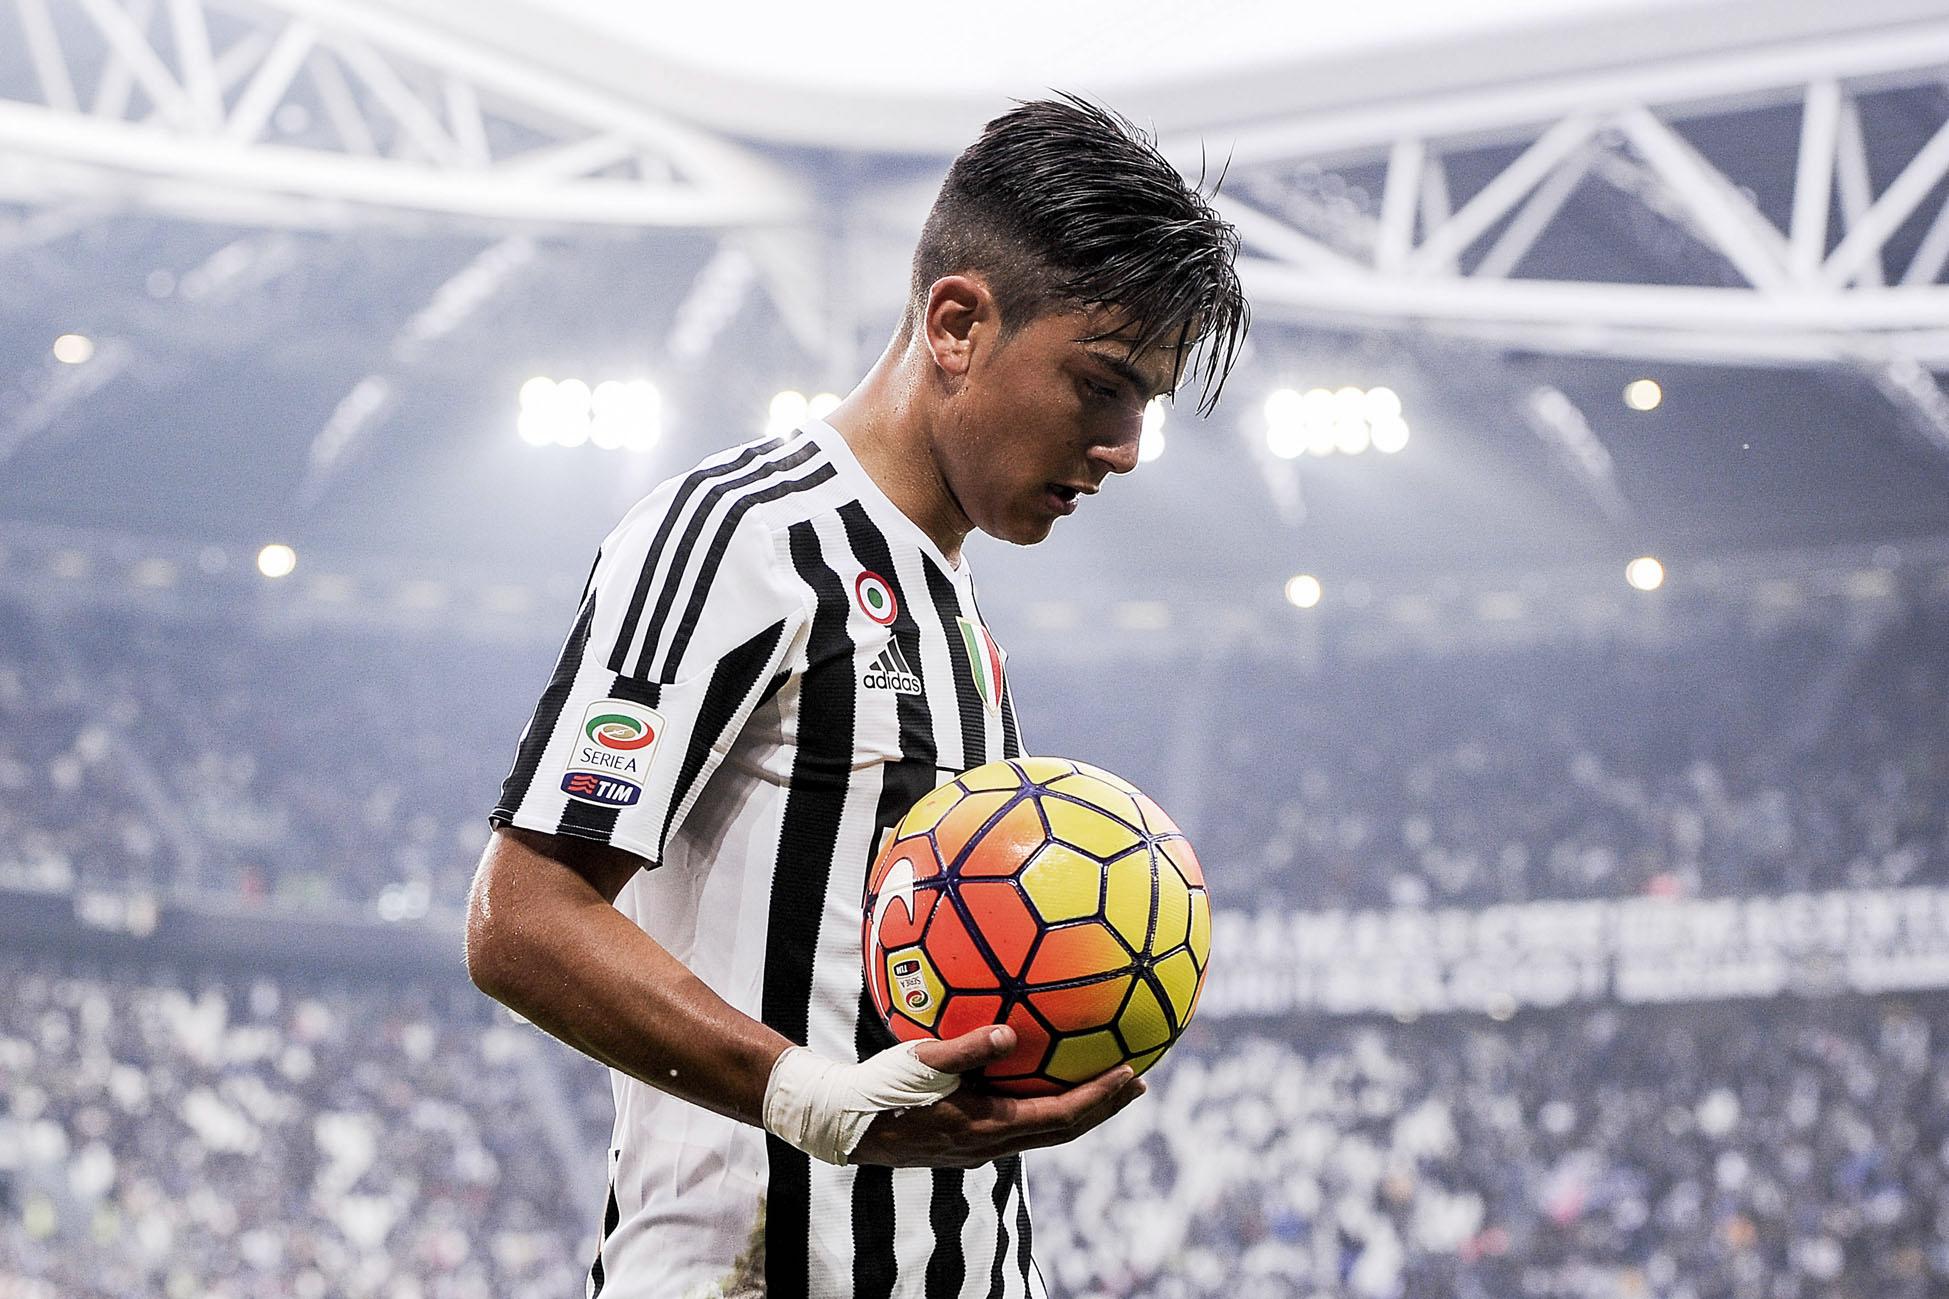 Paulo-Dybala-Juventus6.jpg